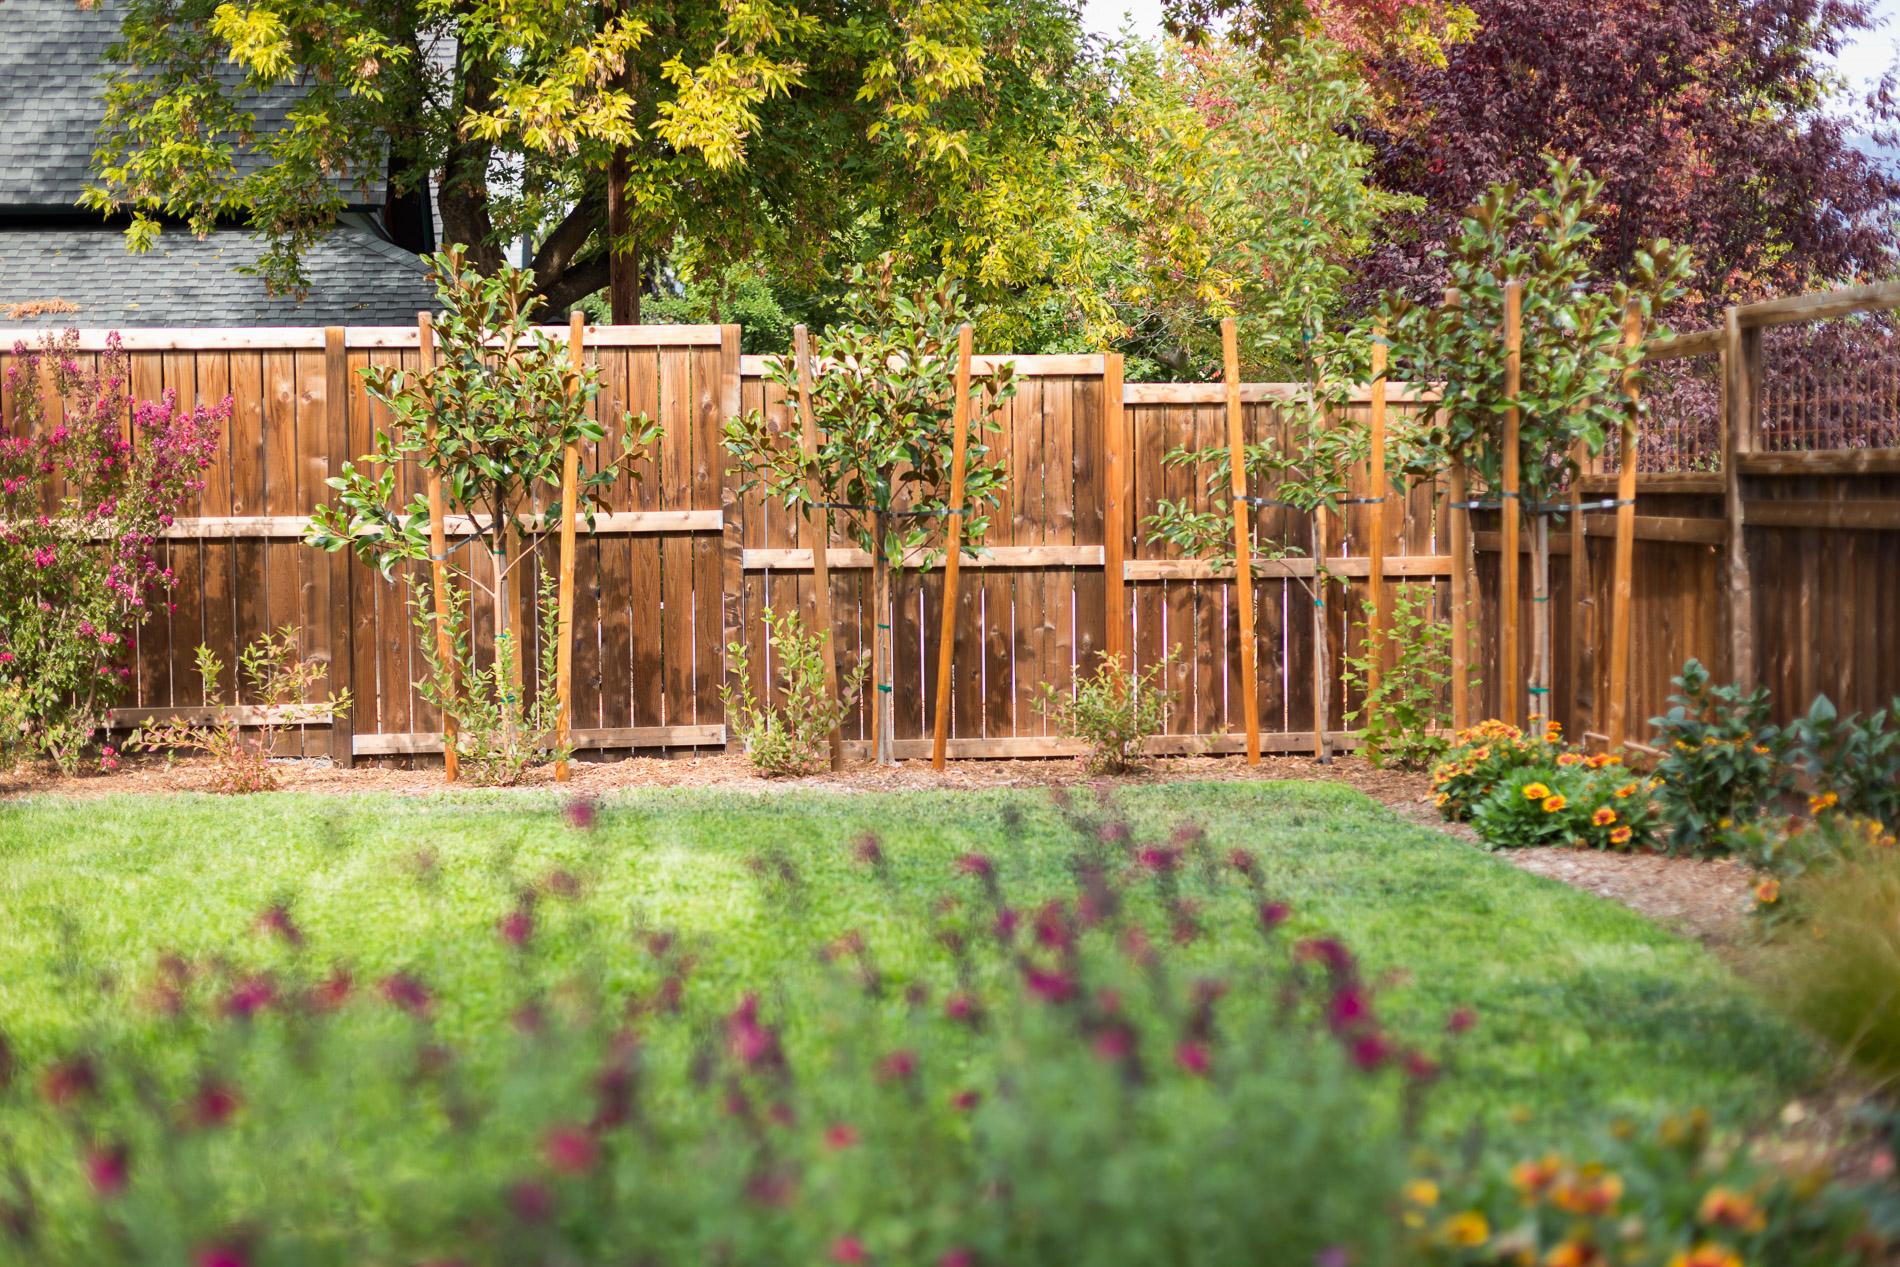 Cedar 6' Privacy Fence + Eco-Lawn + Little Gem Magnolia + Urban Back Yard